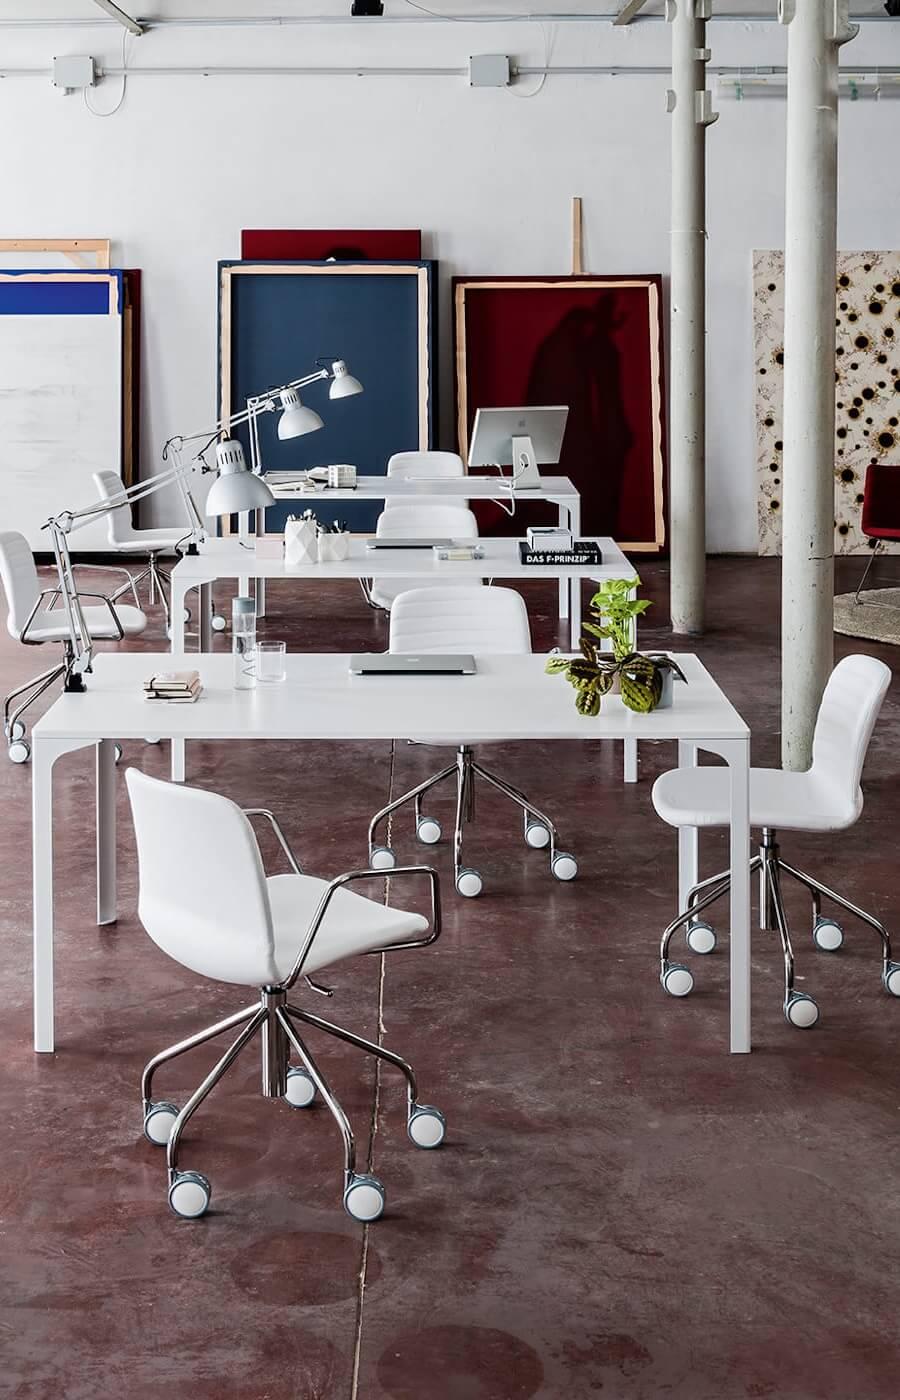 Tavolo Armando, design Balutto Associati e Poltroncine Liù, design Archirivolto.